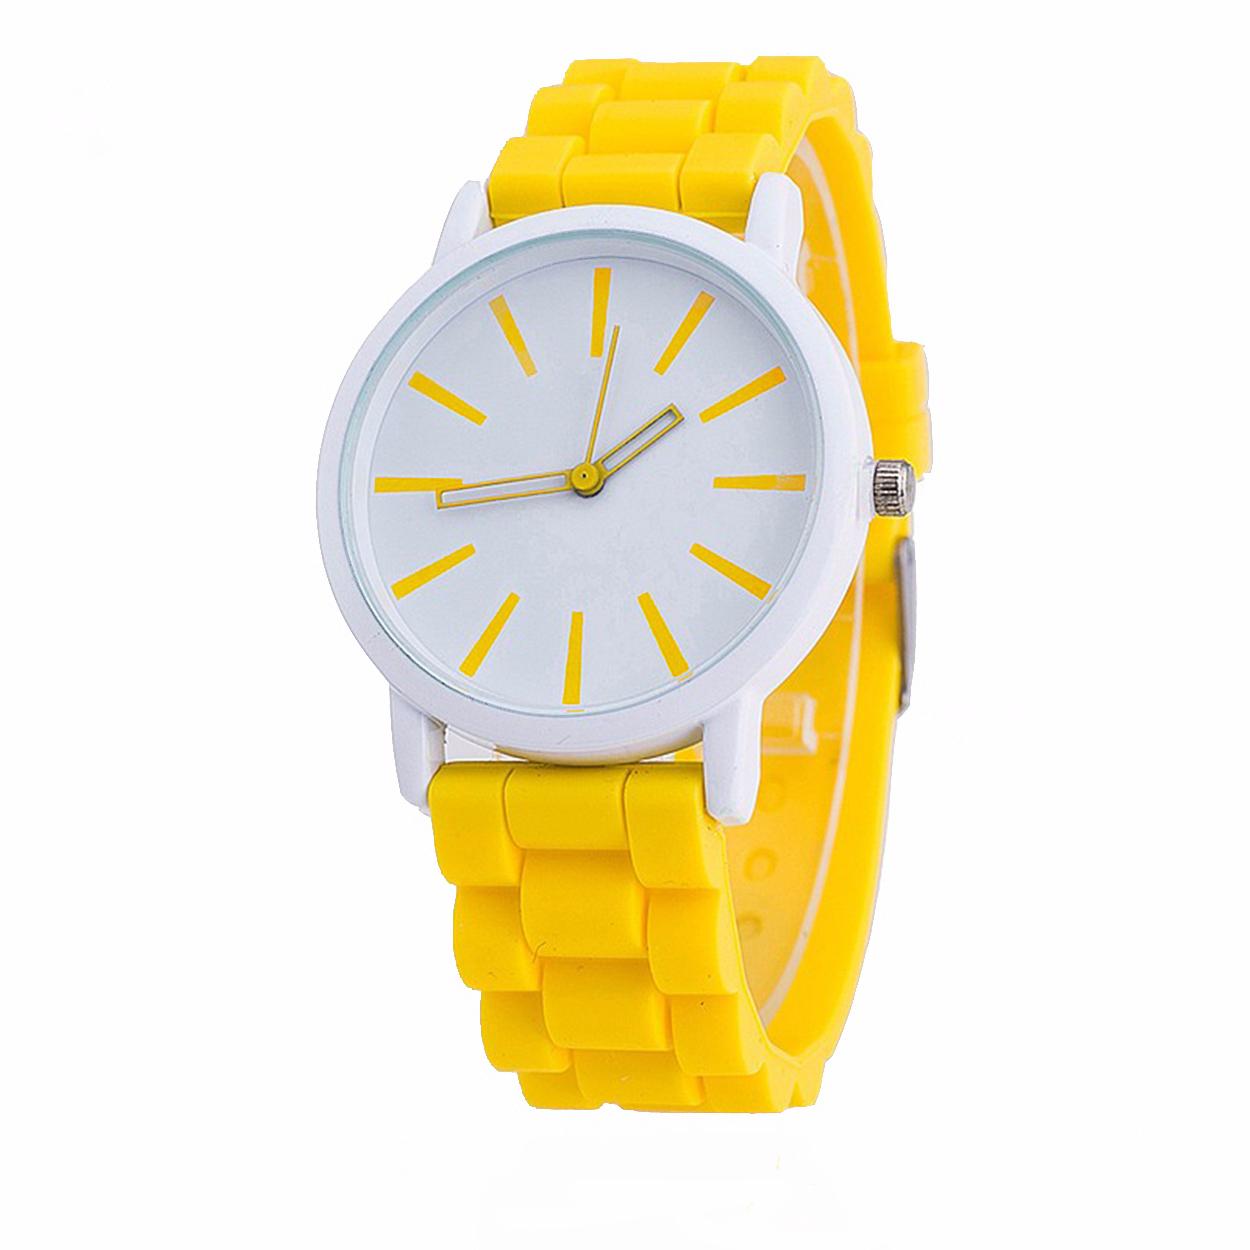 ساعت مچی عقربه ای مدل watch2585Y